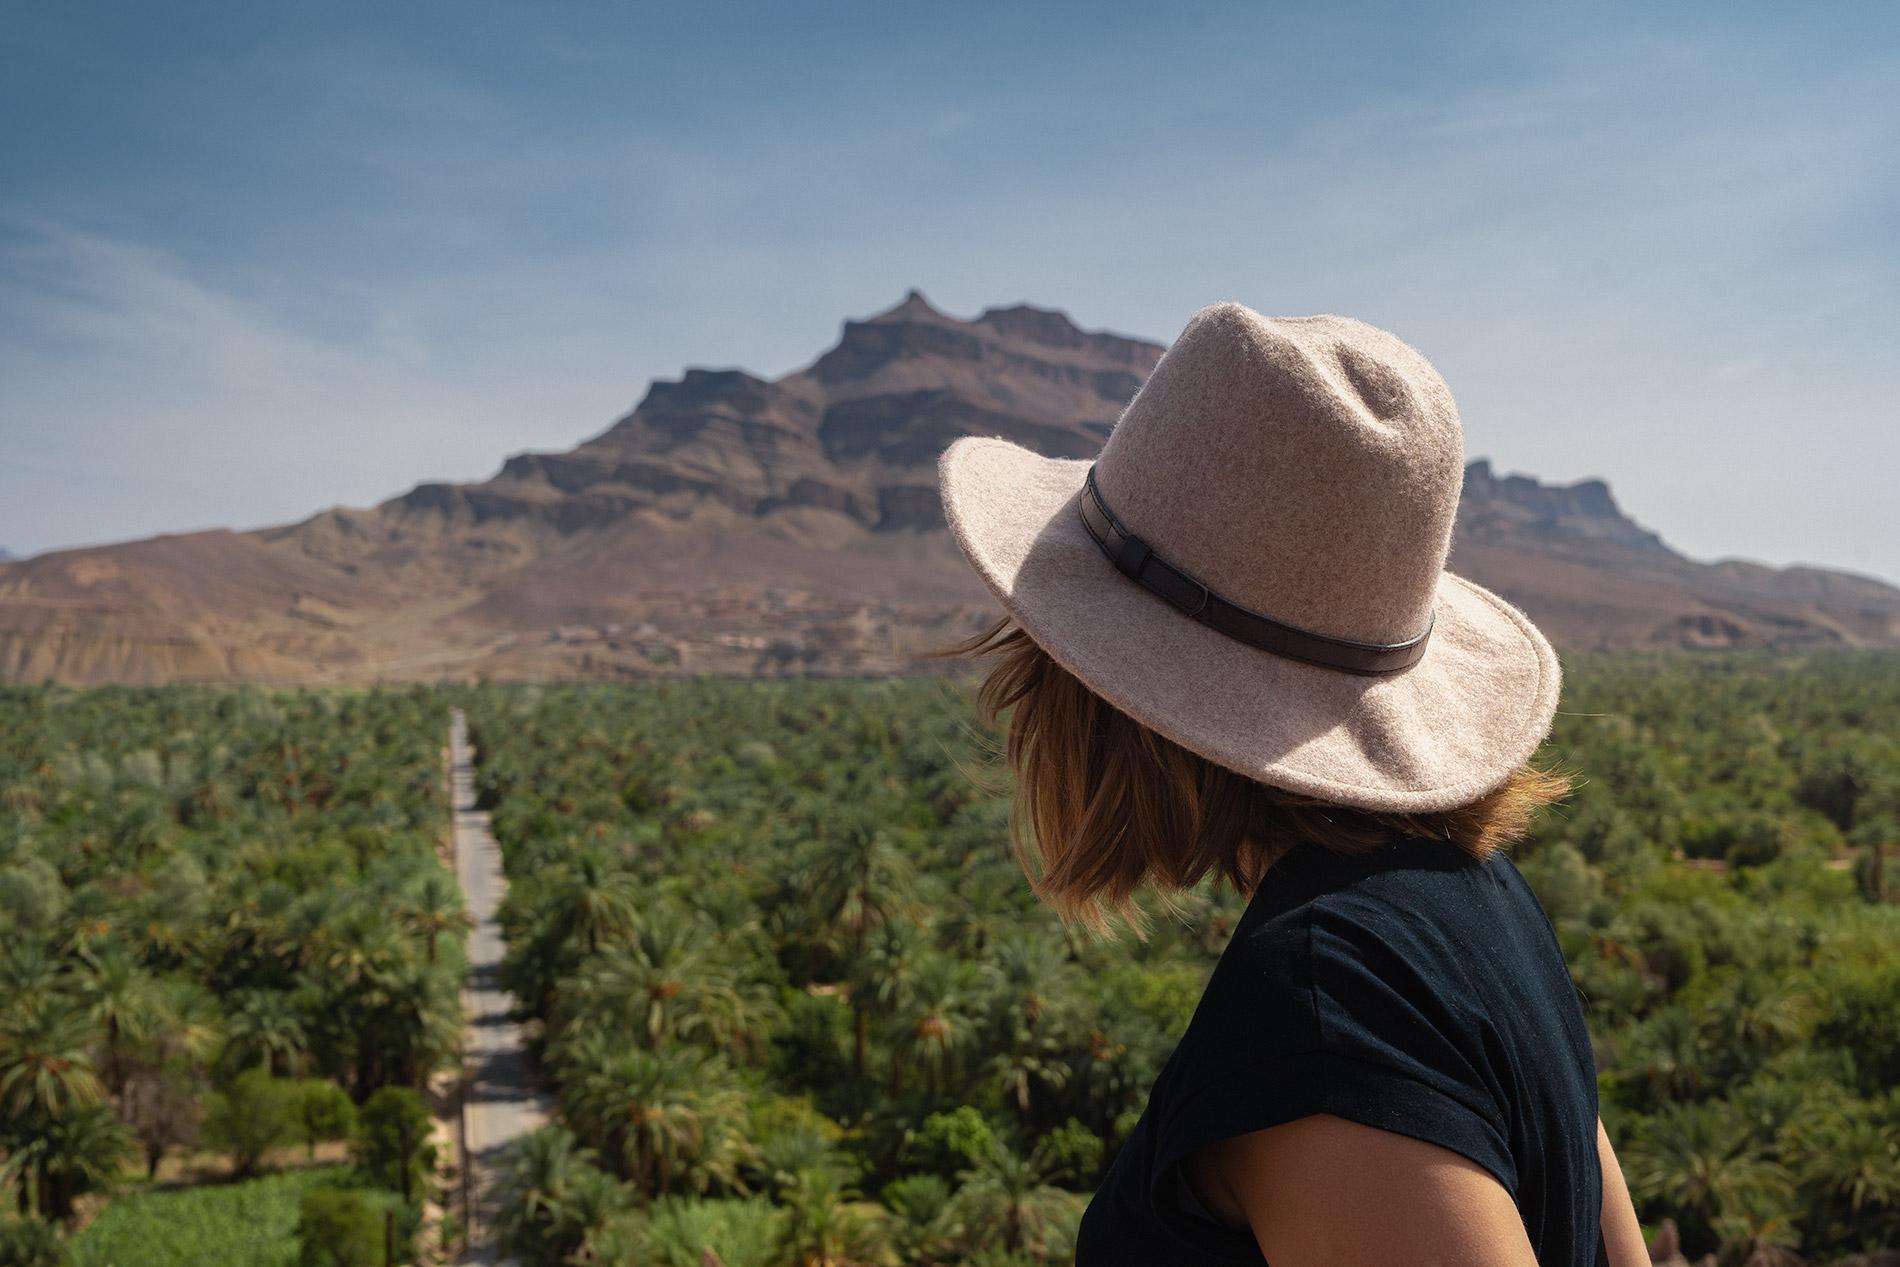 Vistas para o palmeiral do Vale do Dra em Marrocos